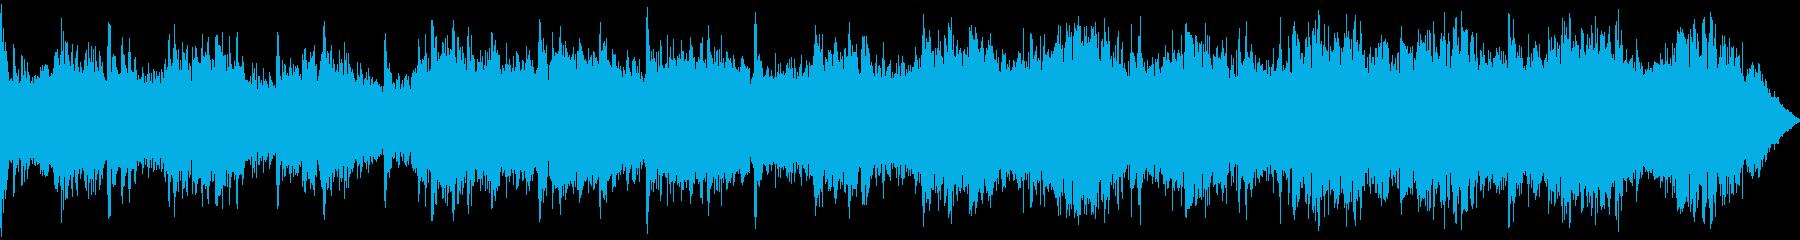 モダン テクノ アンビエント ファ...の再生済みの波形